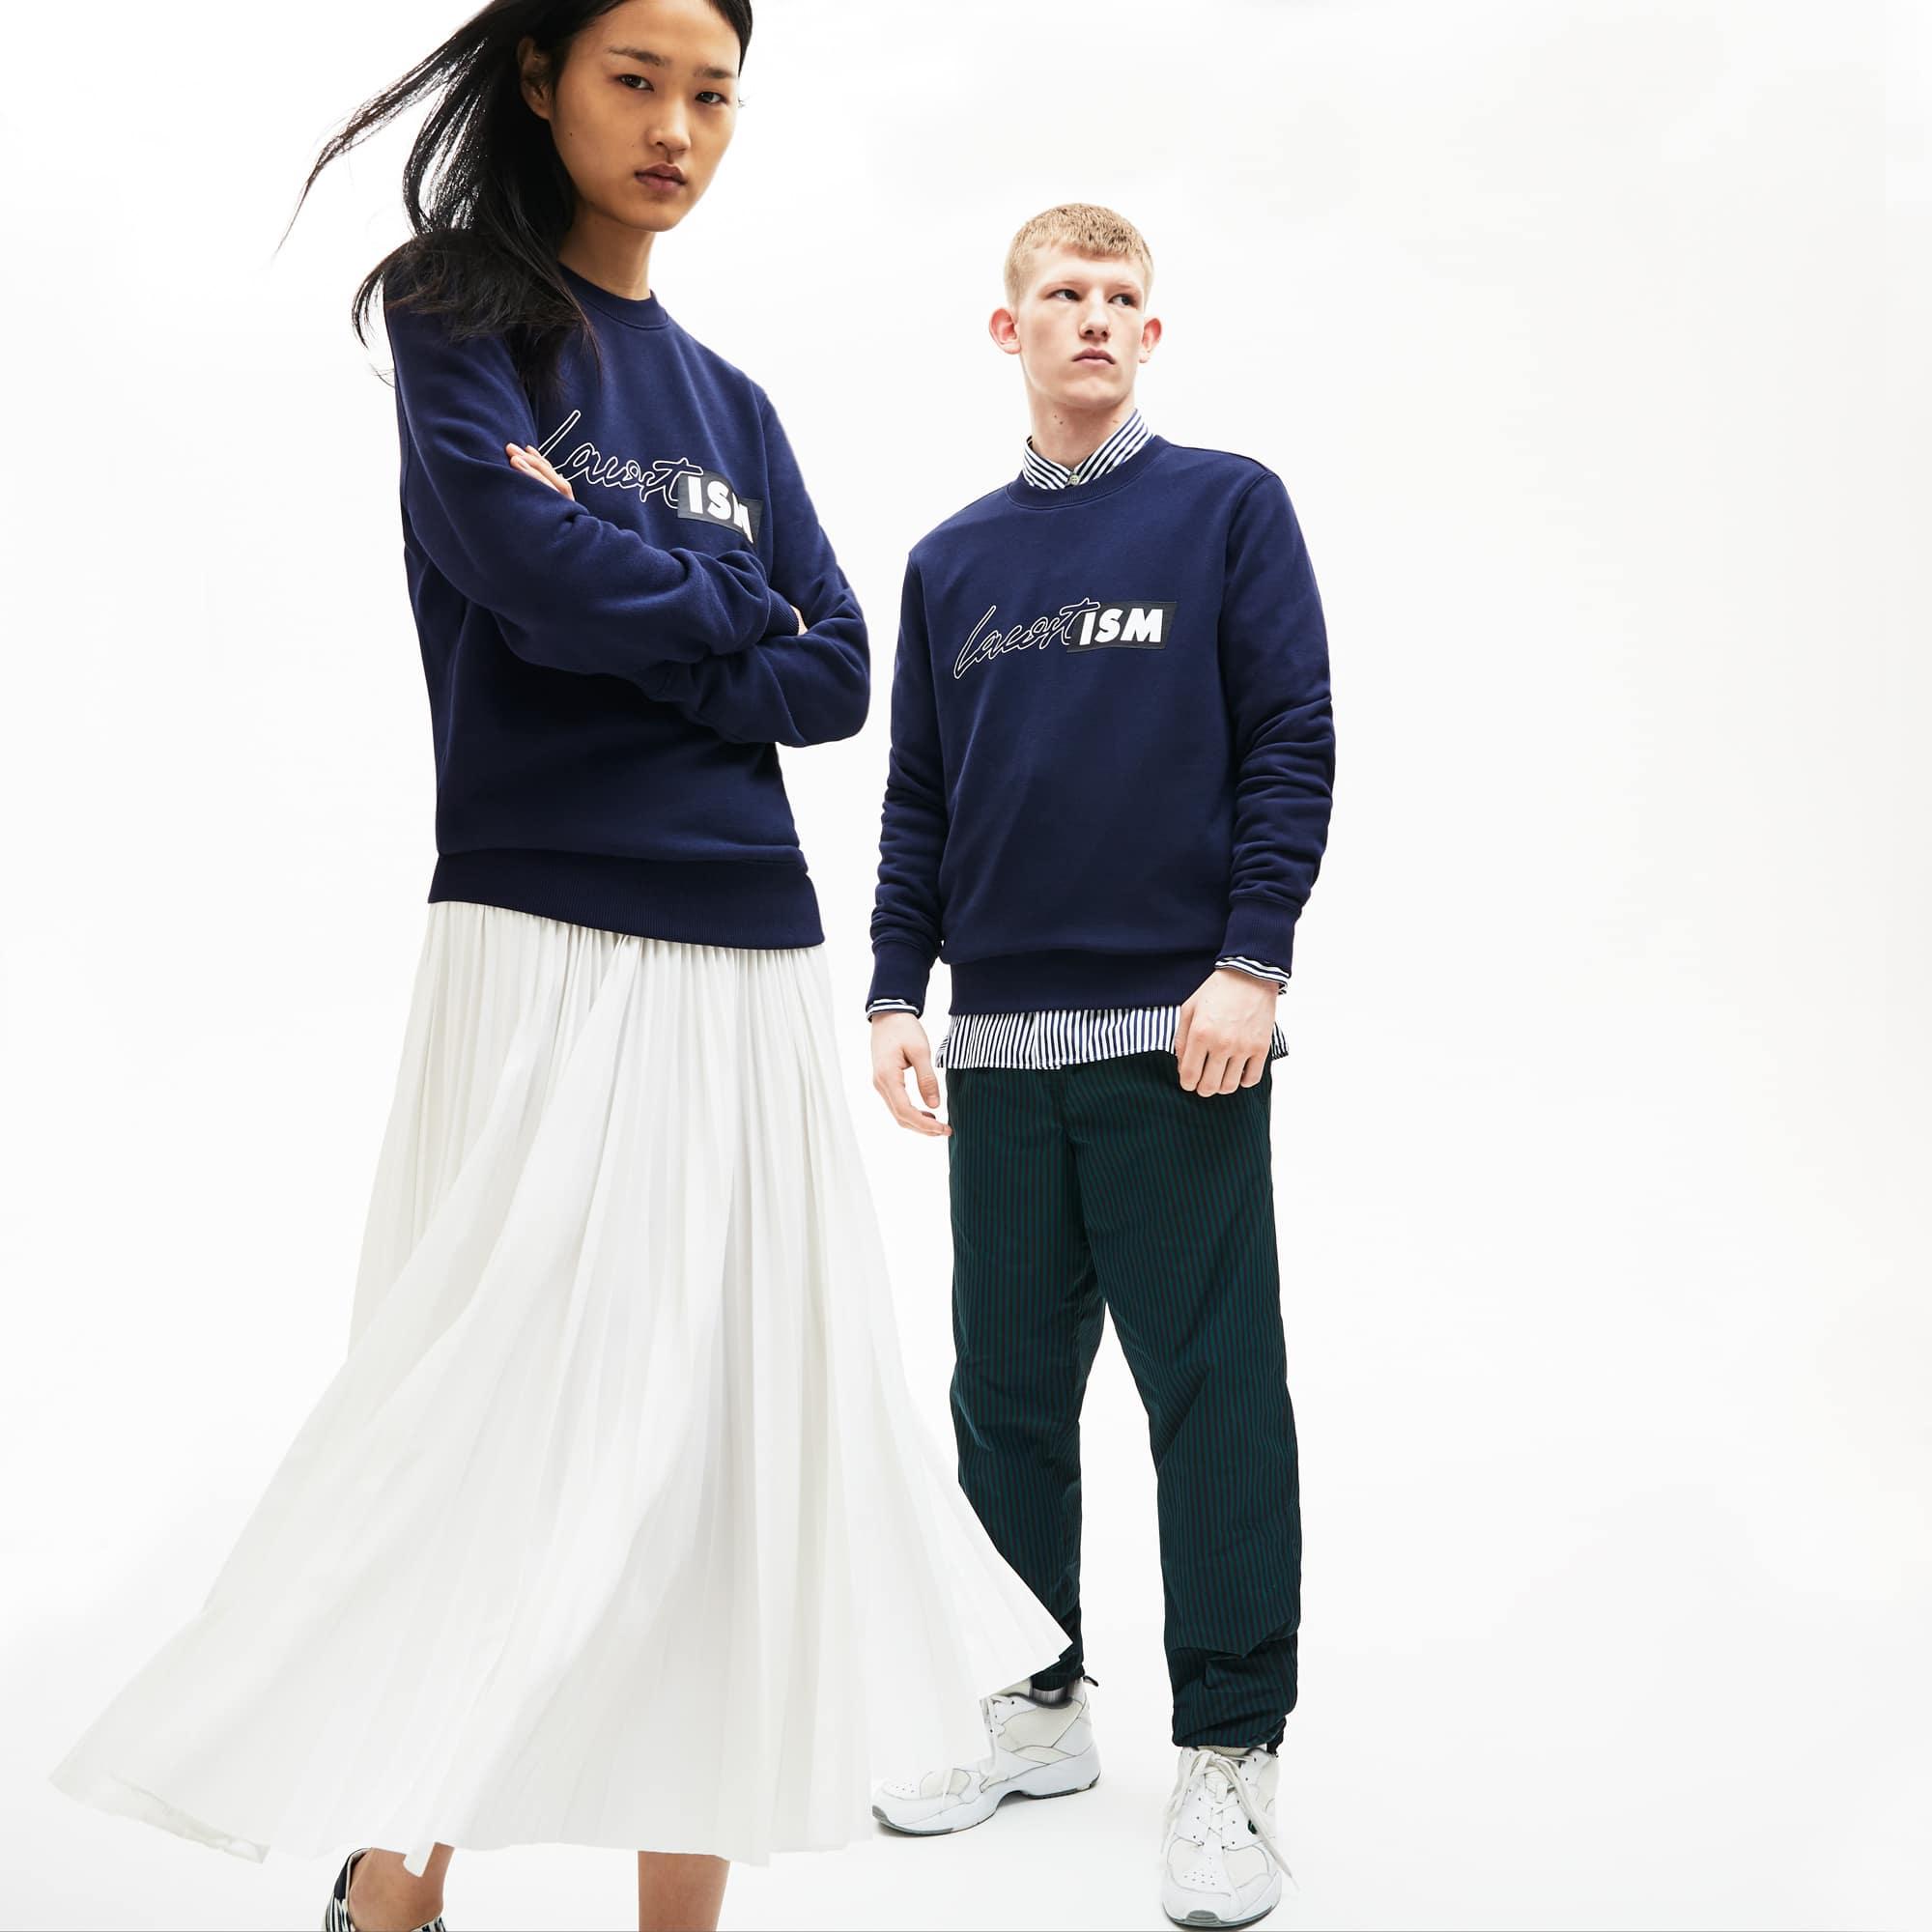 Sweatshirt mit Lacostism-Aufdruck LACOSTE L!VE